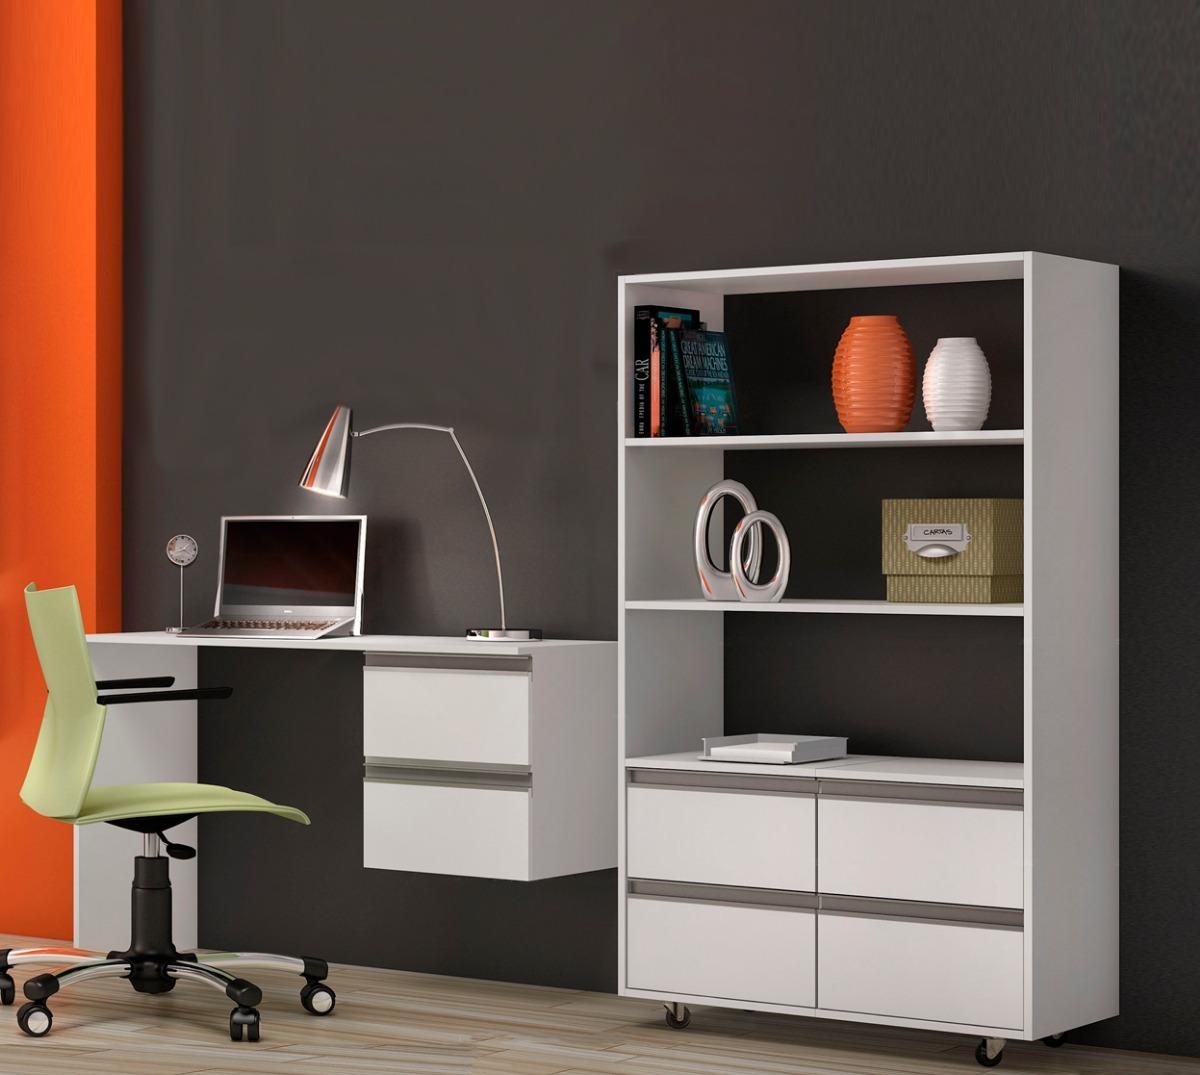 Escritorio Biblioteca Mesas De Pc Estante Muebles De Oficina  # Muebles De Ooficina